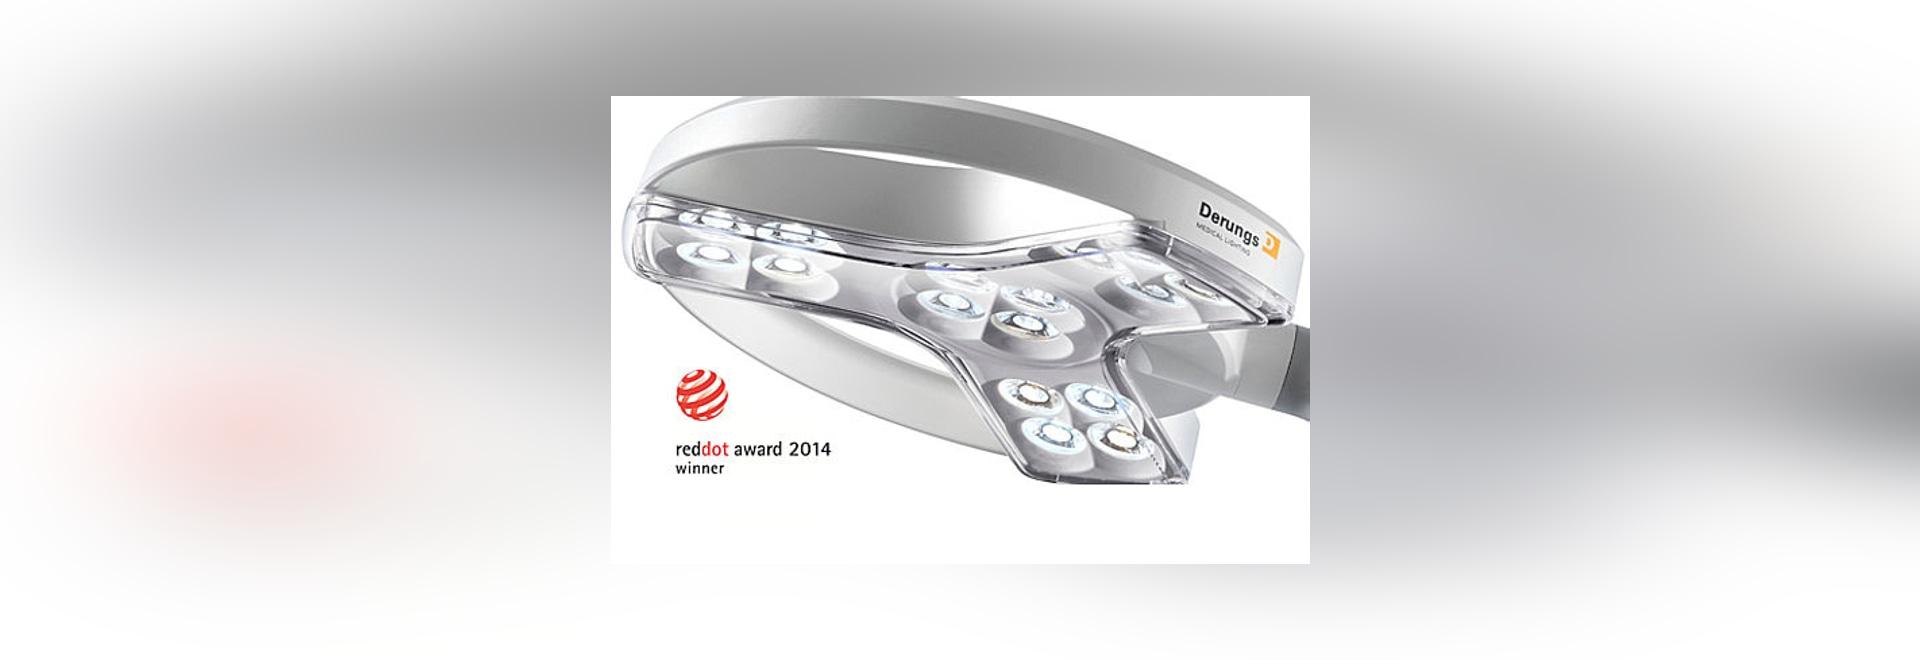 New VISIANO LED - Examination light